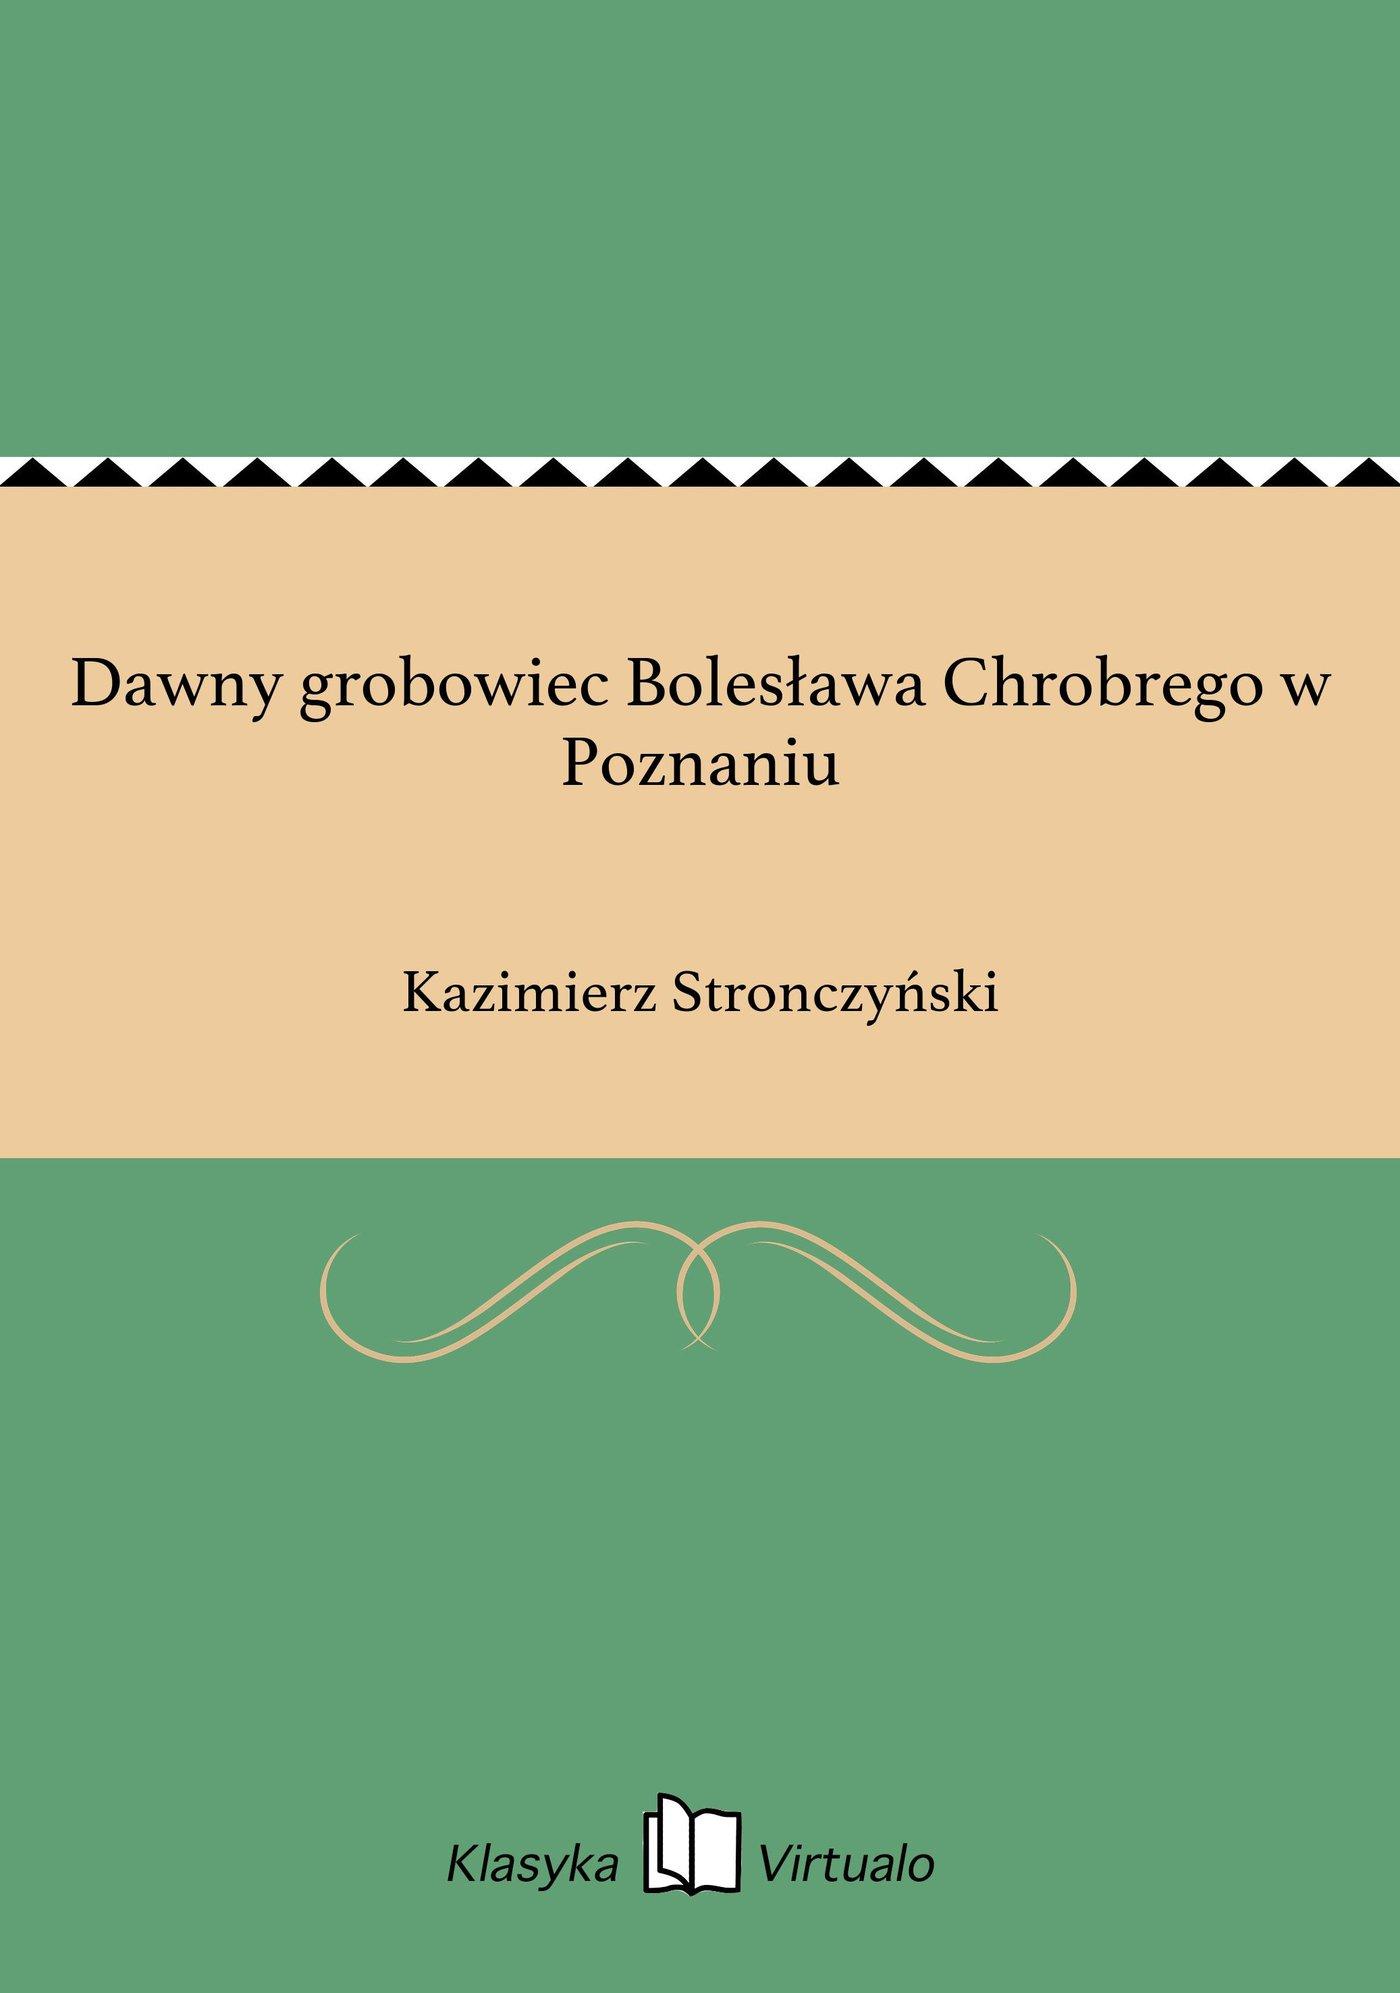 Dawny grobowiec Bolesława Chrobrego w Poznaniu - Ebook (Książka EPUB) do pobrania w formacie EPUB